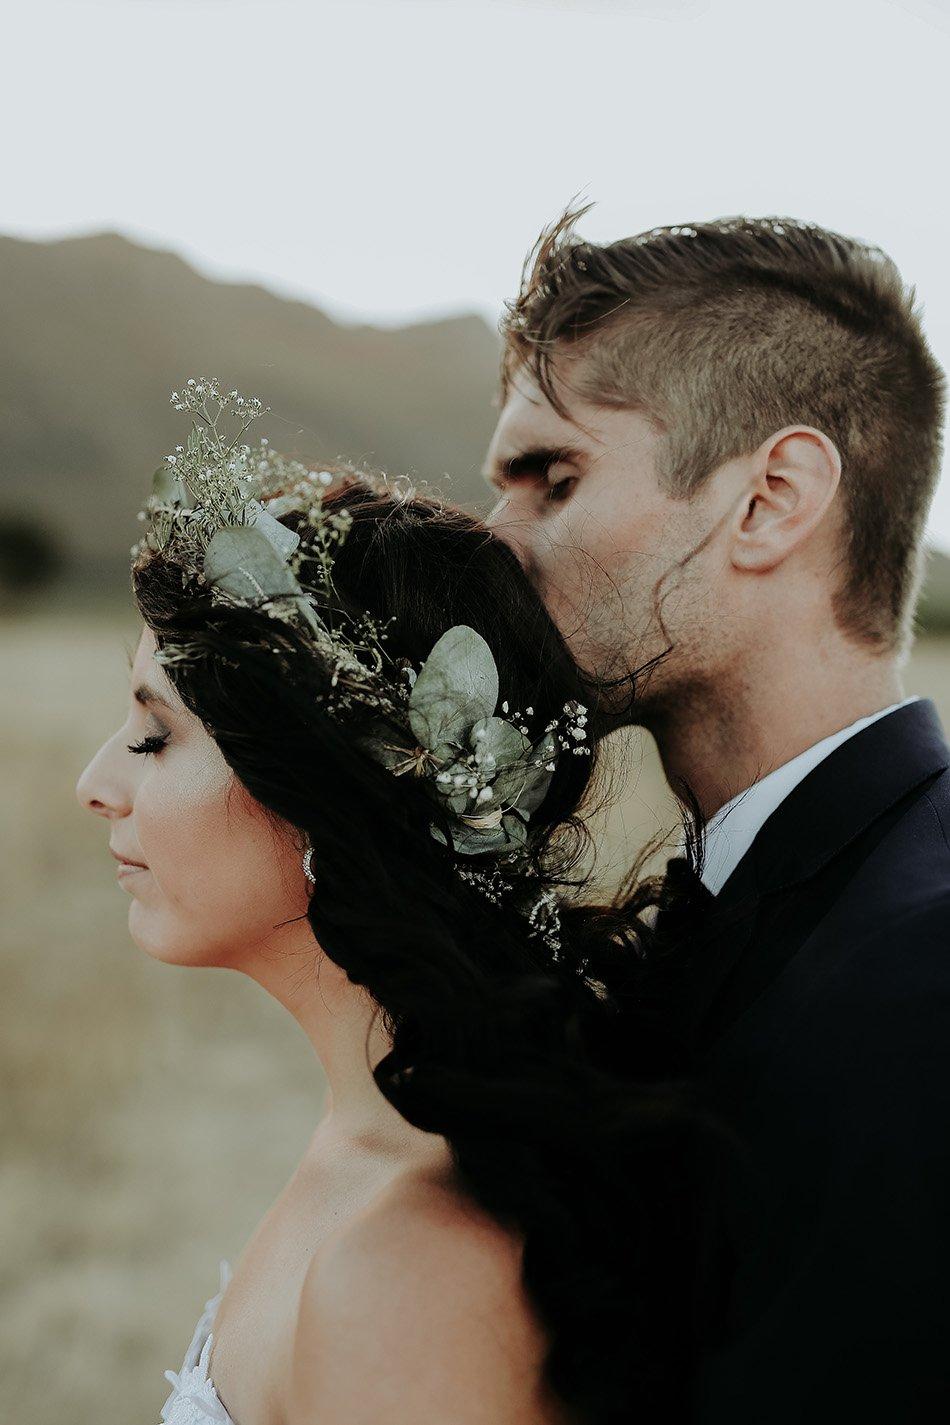 Odette&Andreas {Married@Groenrivier, Riebeek West}-2